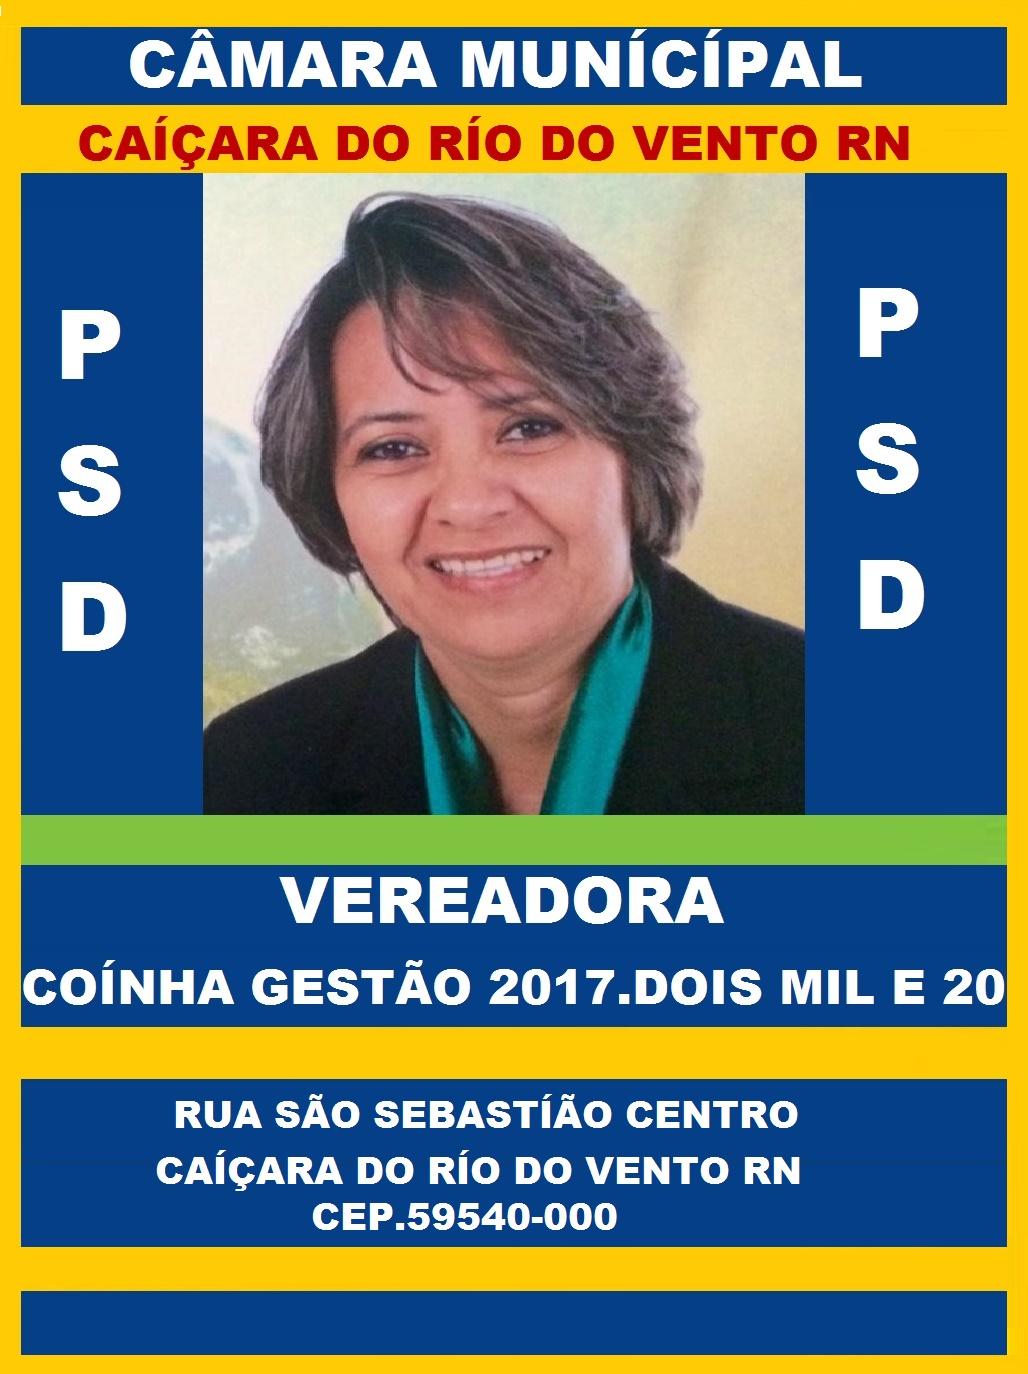 VEREADORA COINHA CAIÇARA DO RIO DO VENTO RN